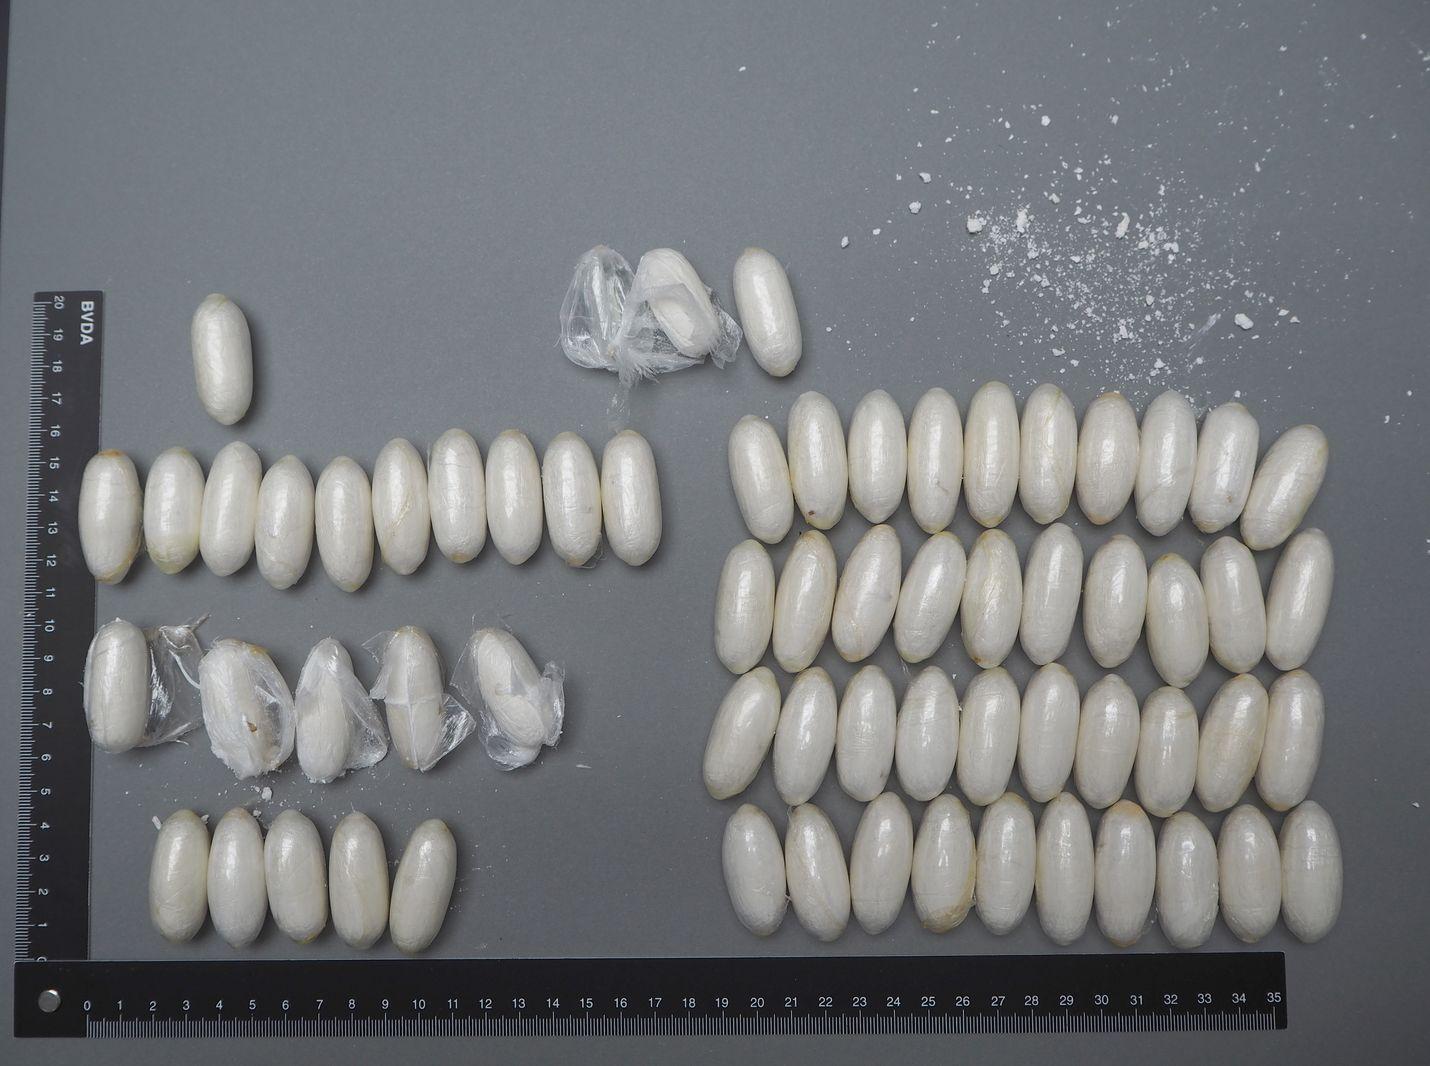 Keskusrikospoliisi pääsi viime kesänä kokaiiniliigan jäljille, jossa kolme hollantilaista toi Suomeen kehonsisäisesti kuvan huumepaketteja ja kymmenen suomalaismiehen tarkoituksena oli levittää huumeet Turussa ja Helsingissä. Kaikki liigan jäsenet ovat pari–kolmekymppisiä